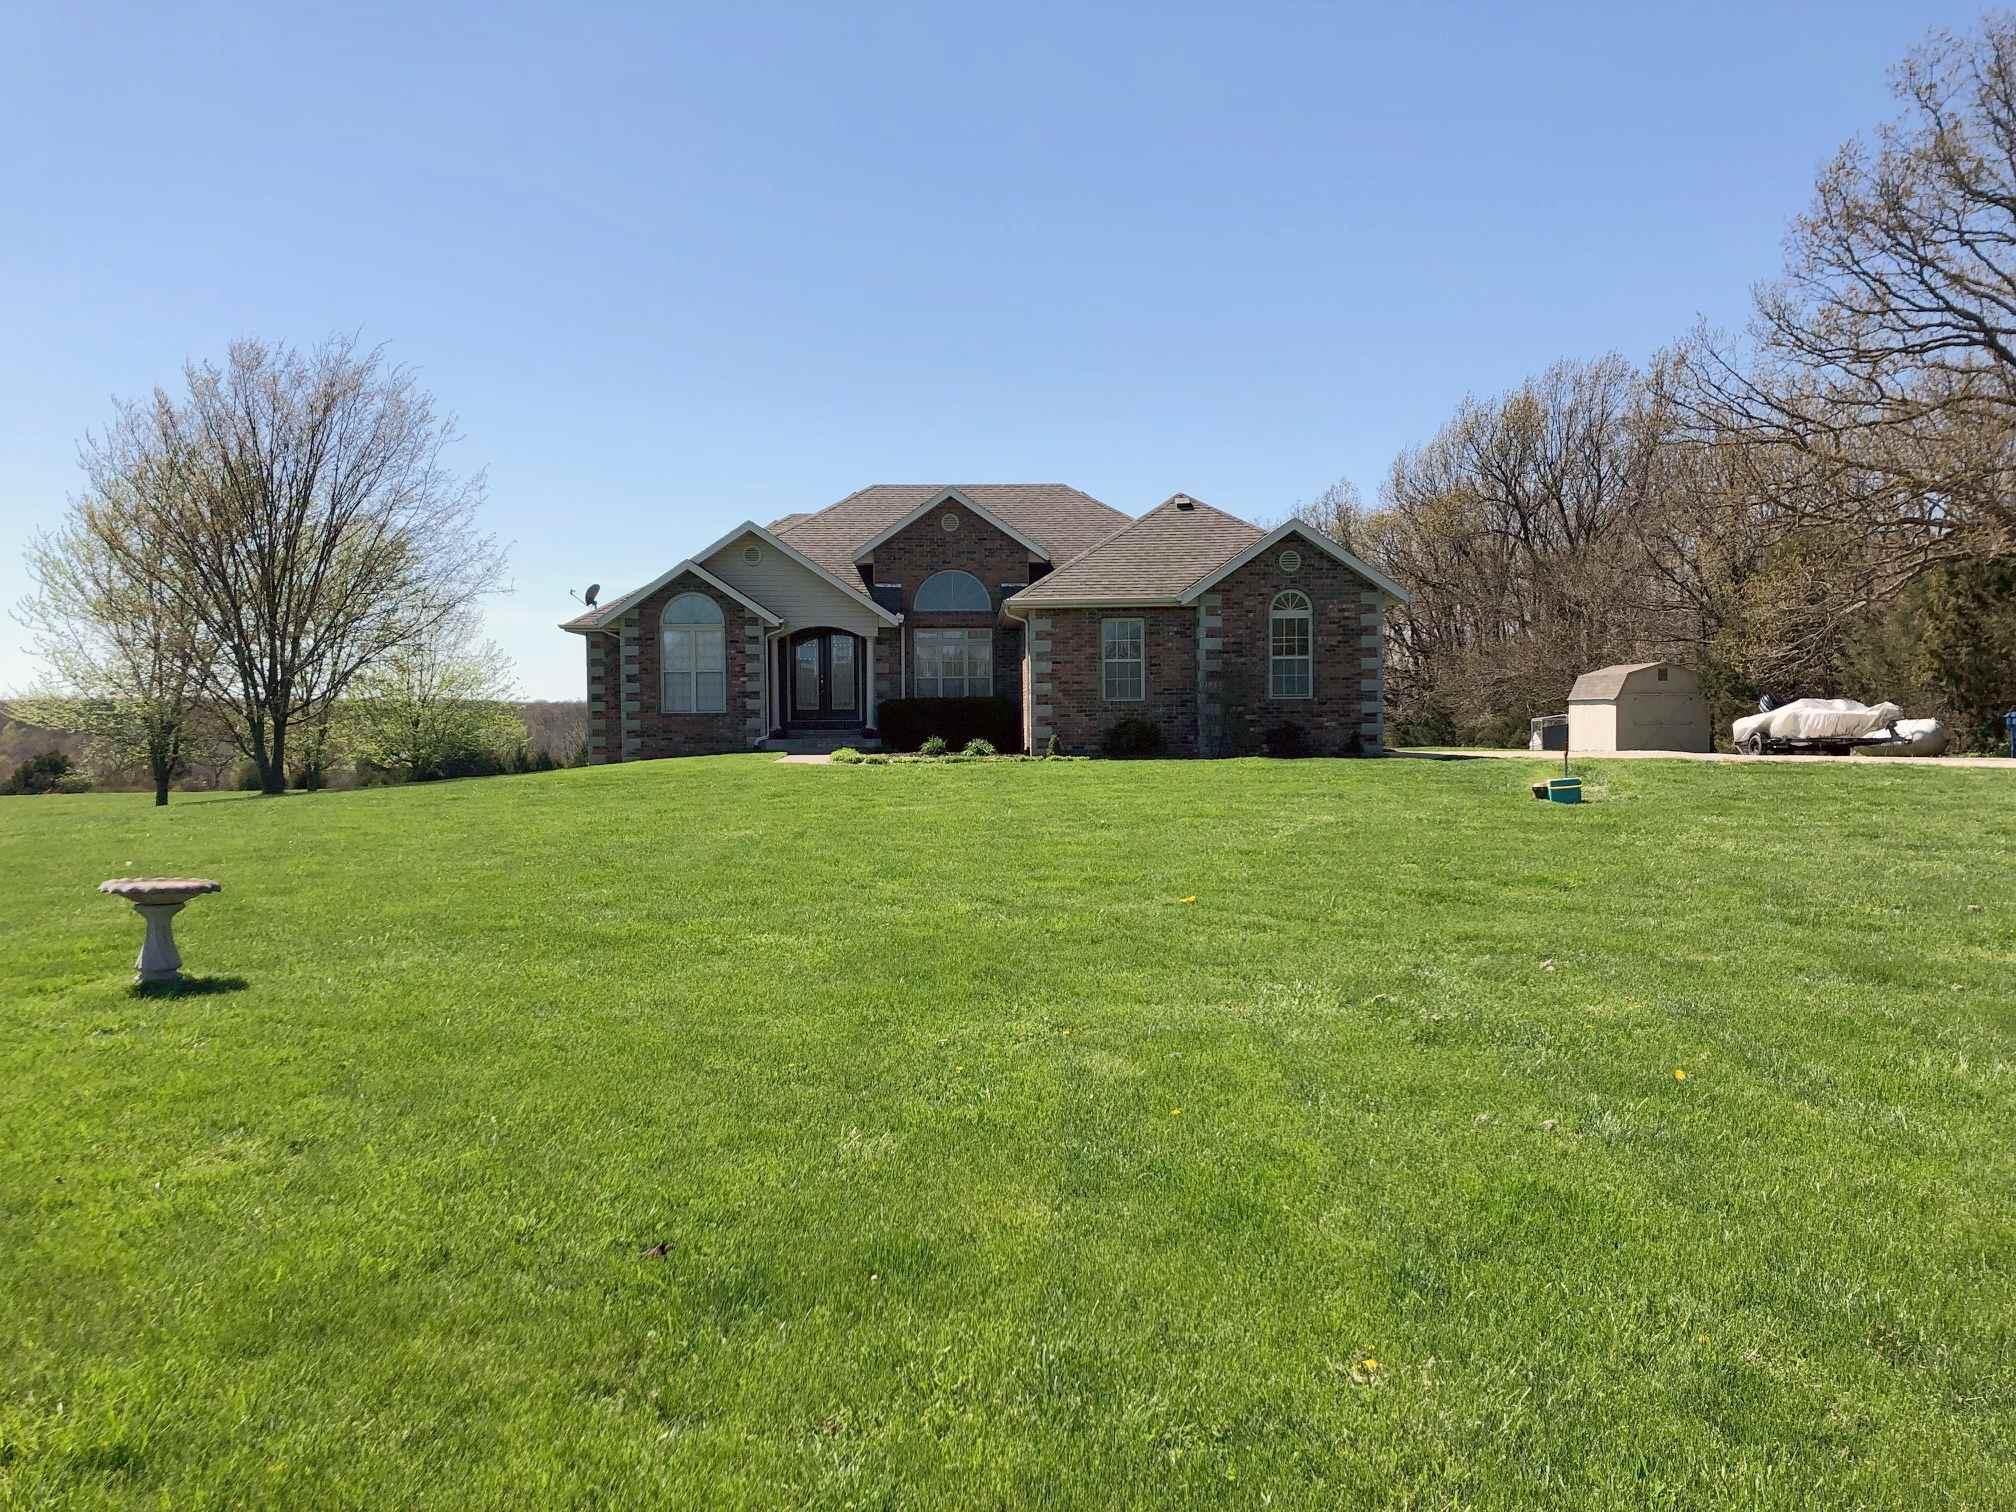 4891 North Farm Rd Strafford, MO 65757